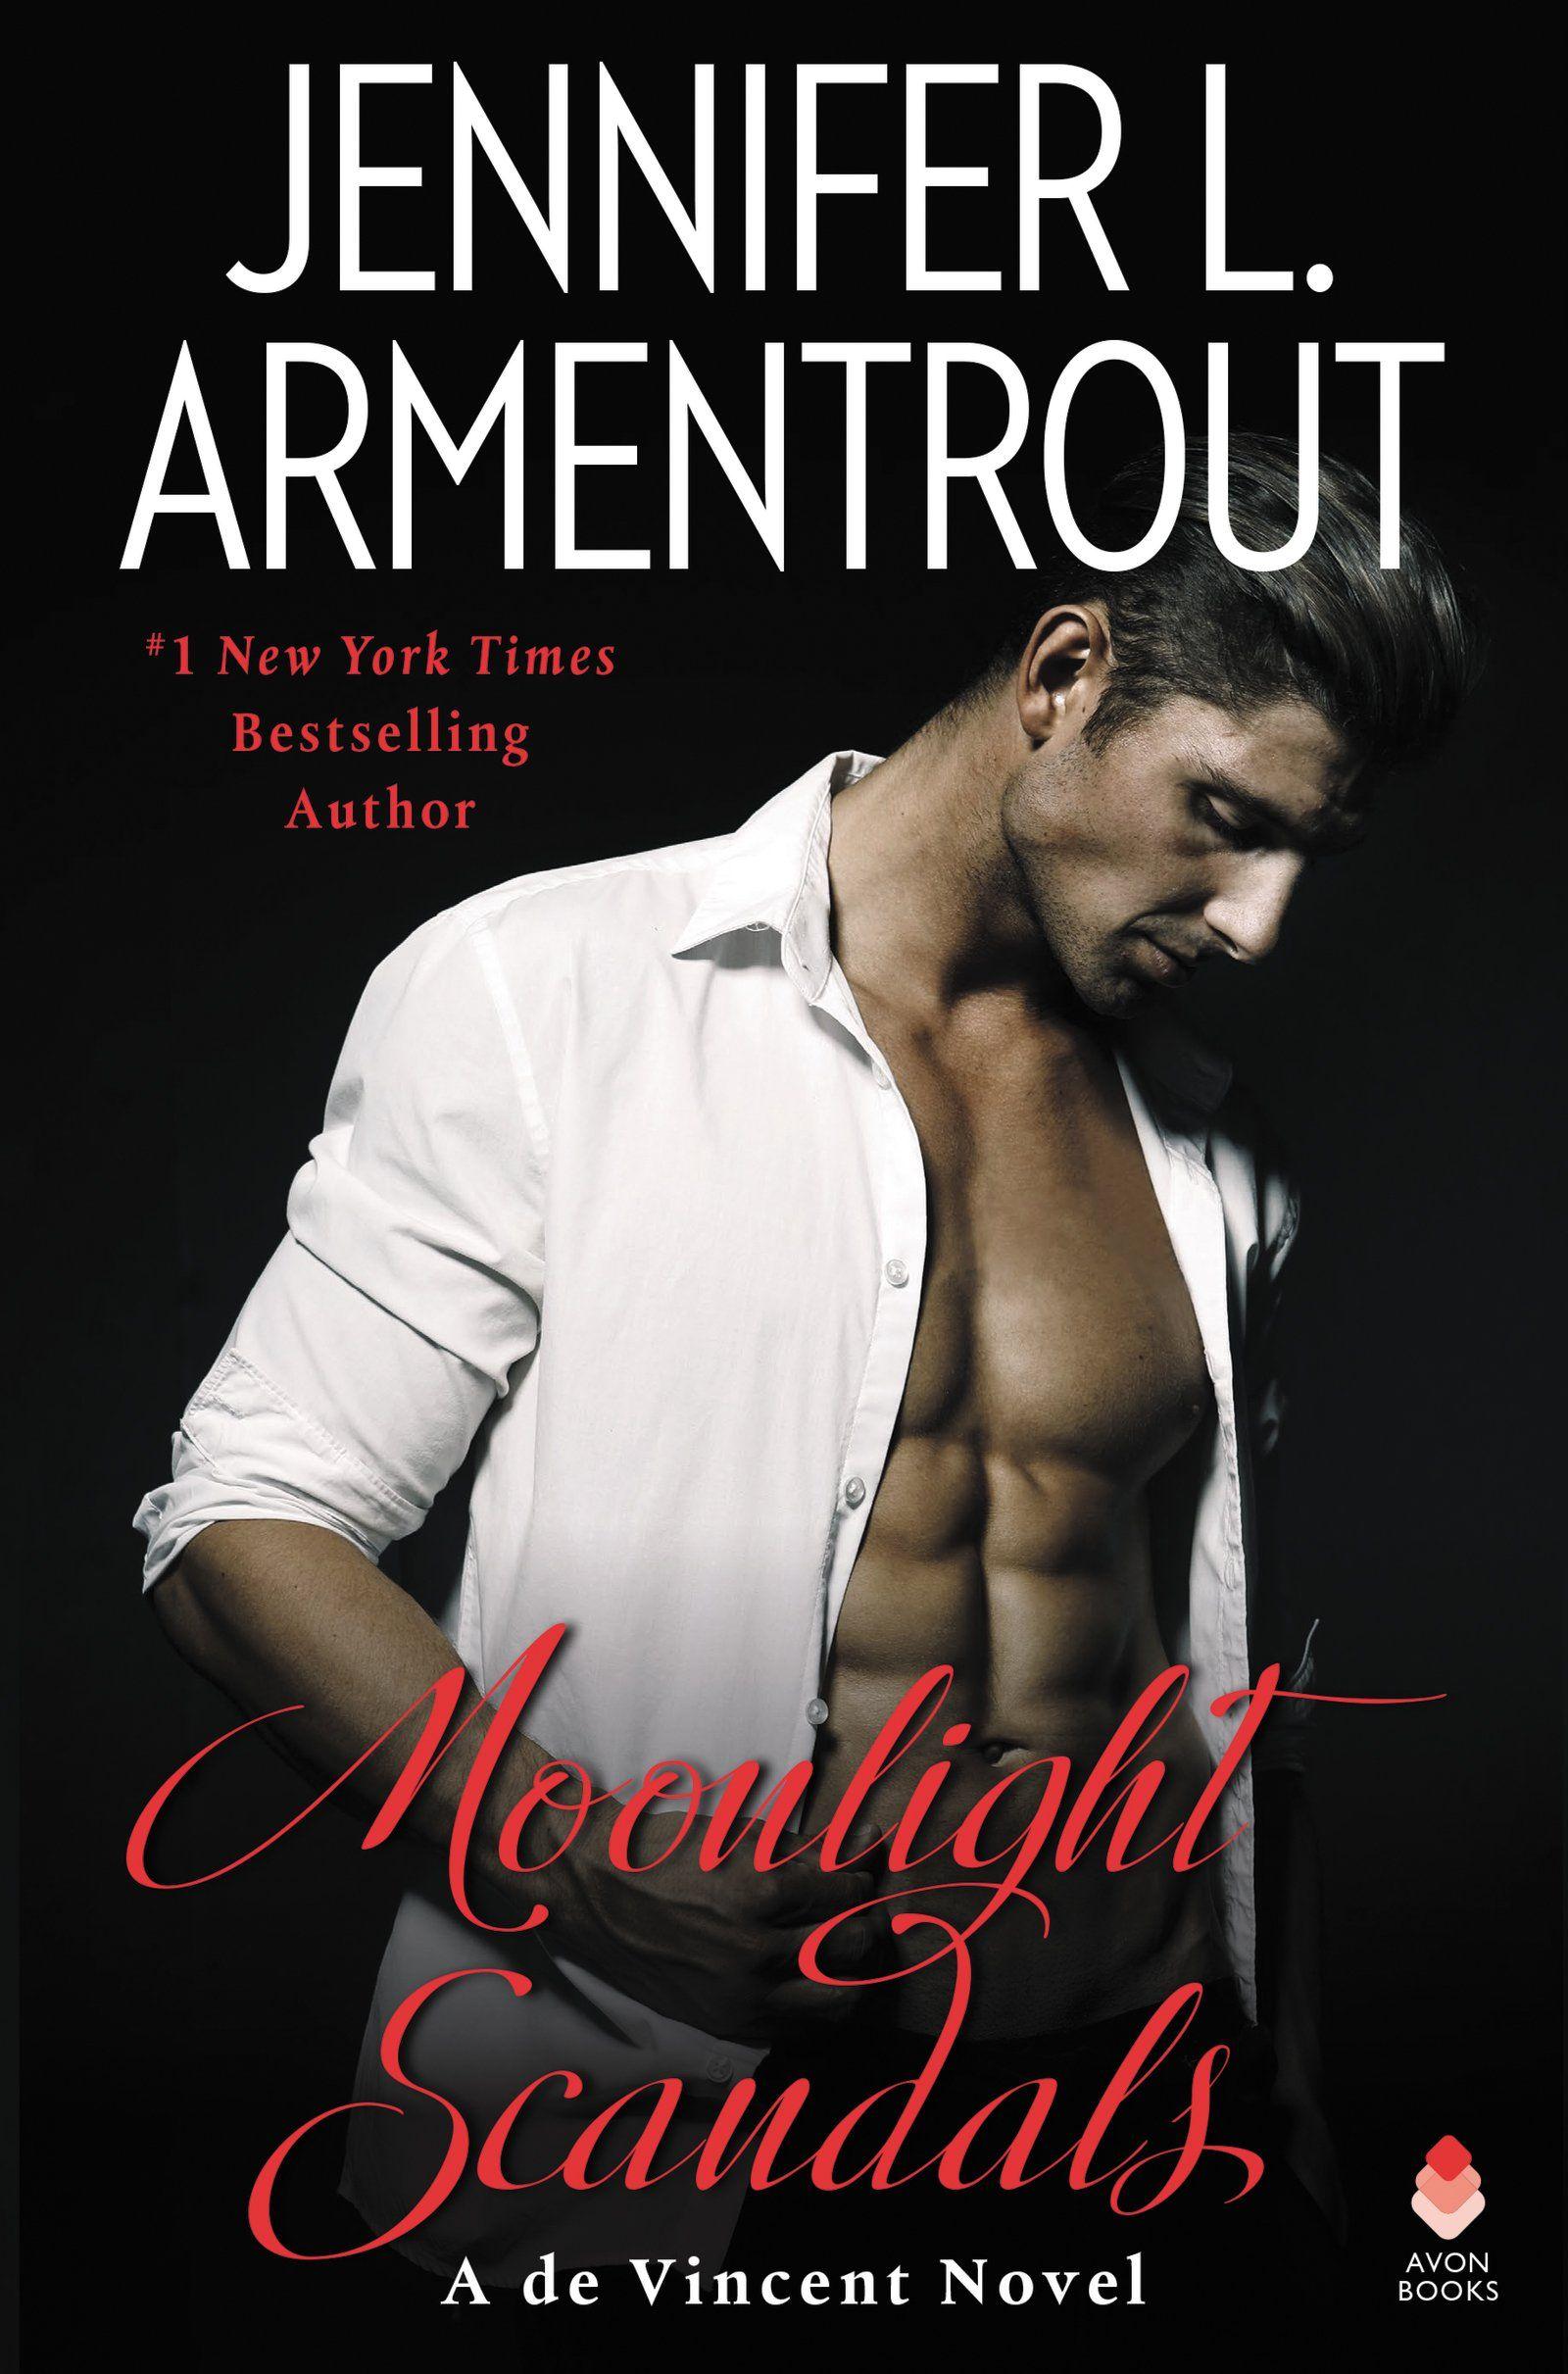 Moonlight Scandals De Vincent 3 By Jennifer L Armentrout Out Jan 29 2019 Click To Preorder Romantic Suspense Angel Books Novels